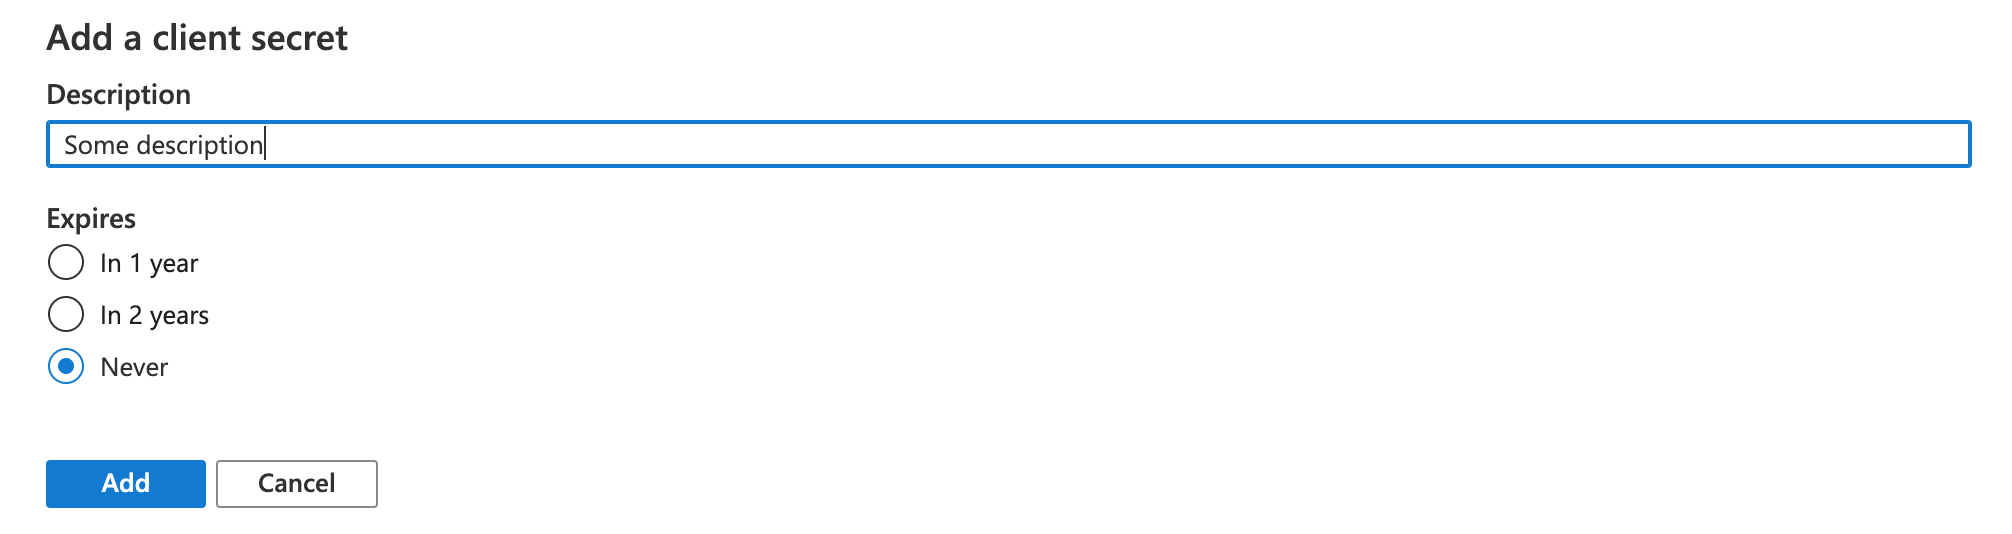 Client Secret Description Outlook Amelia Booking Plugin